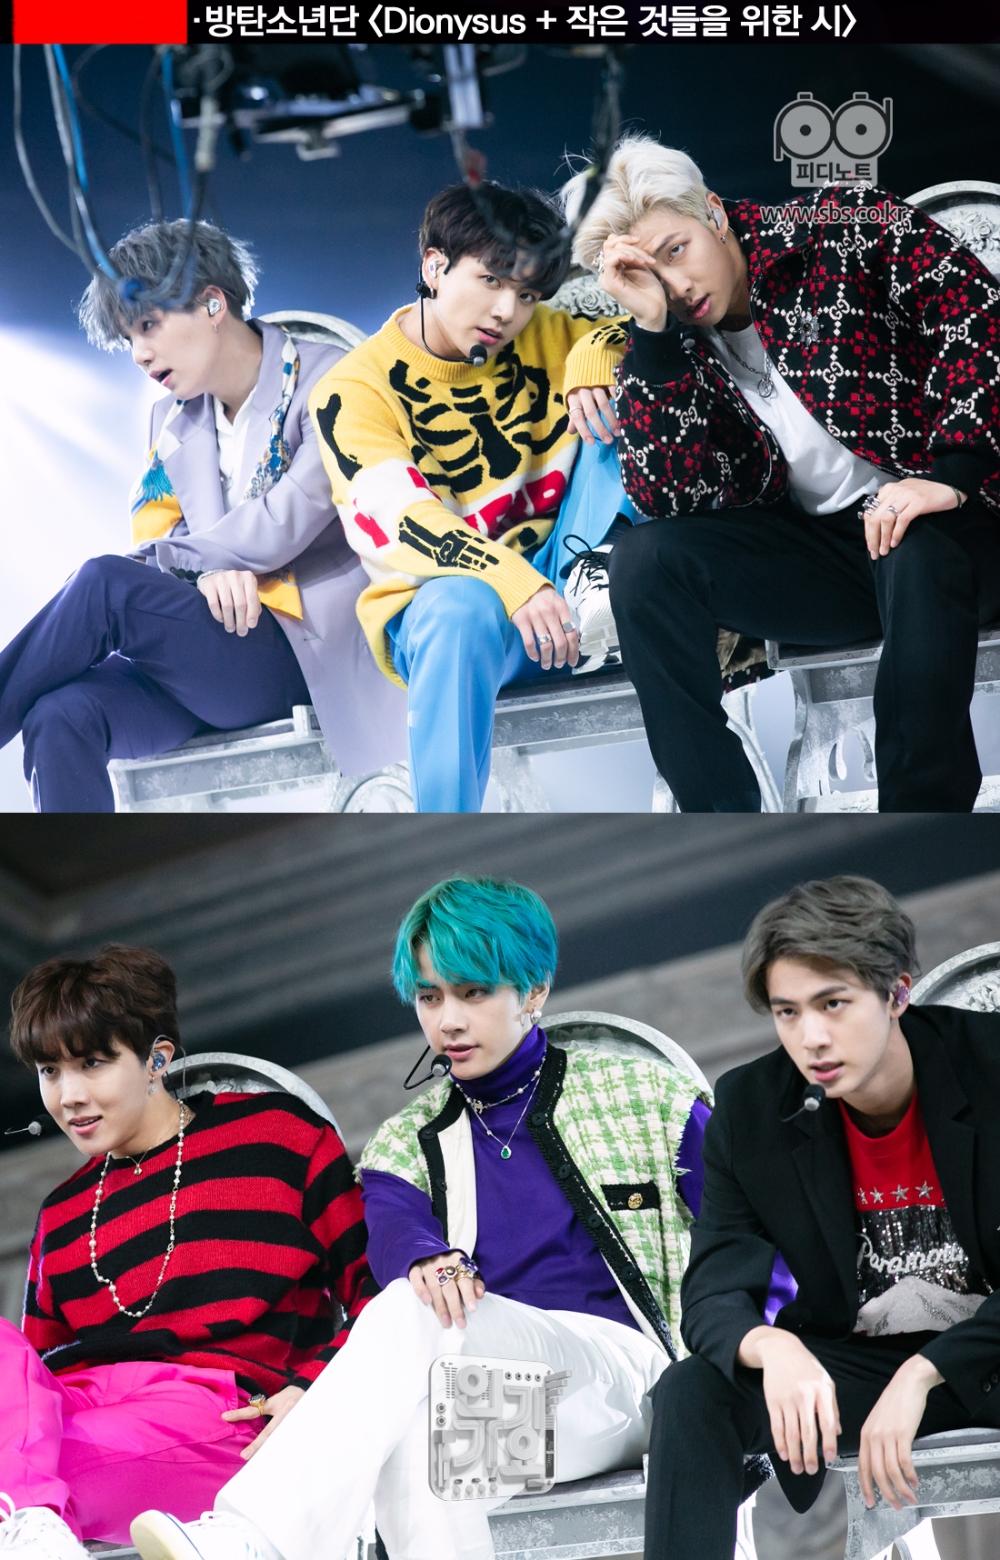 방탄소년단의 컴백 무대가 있다.